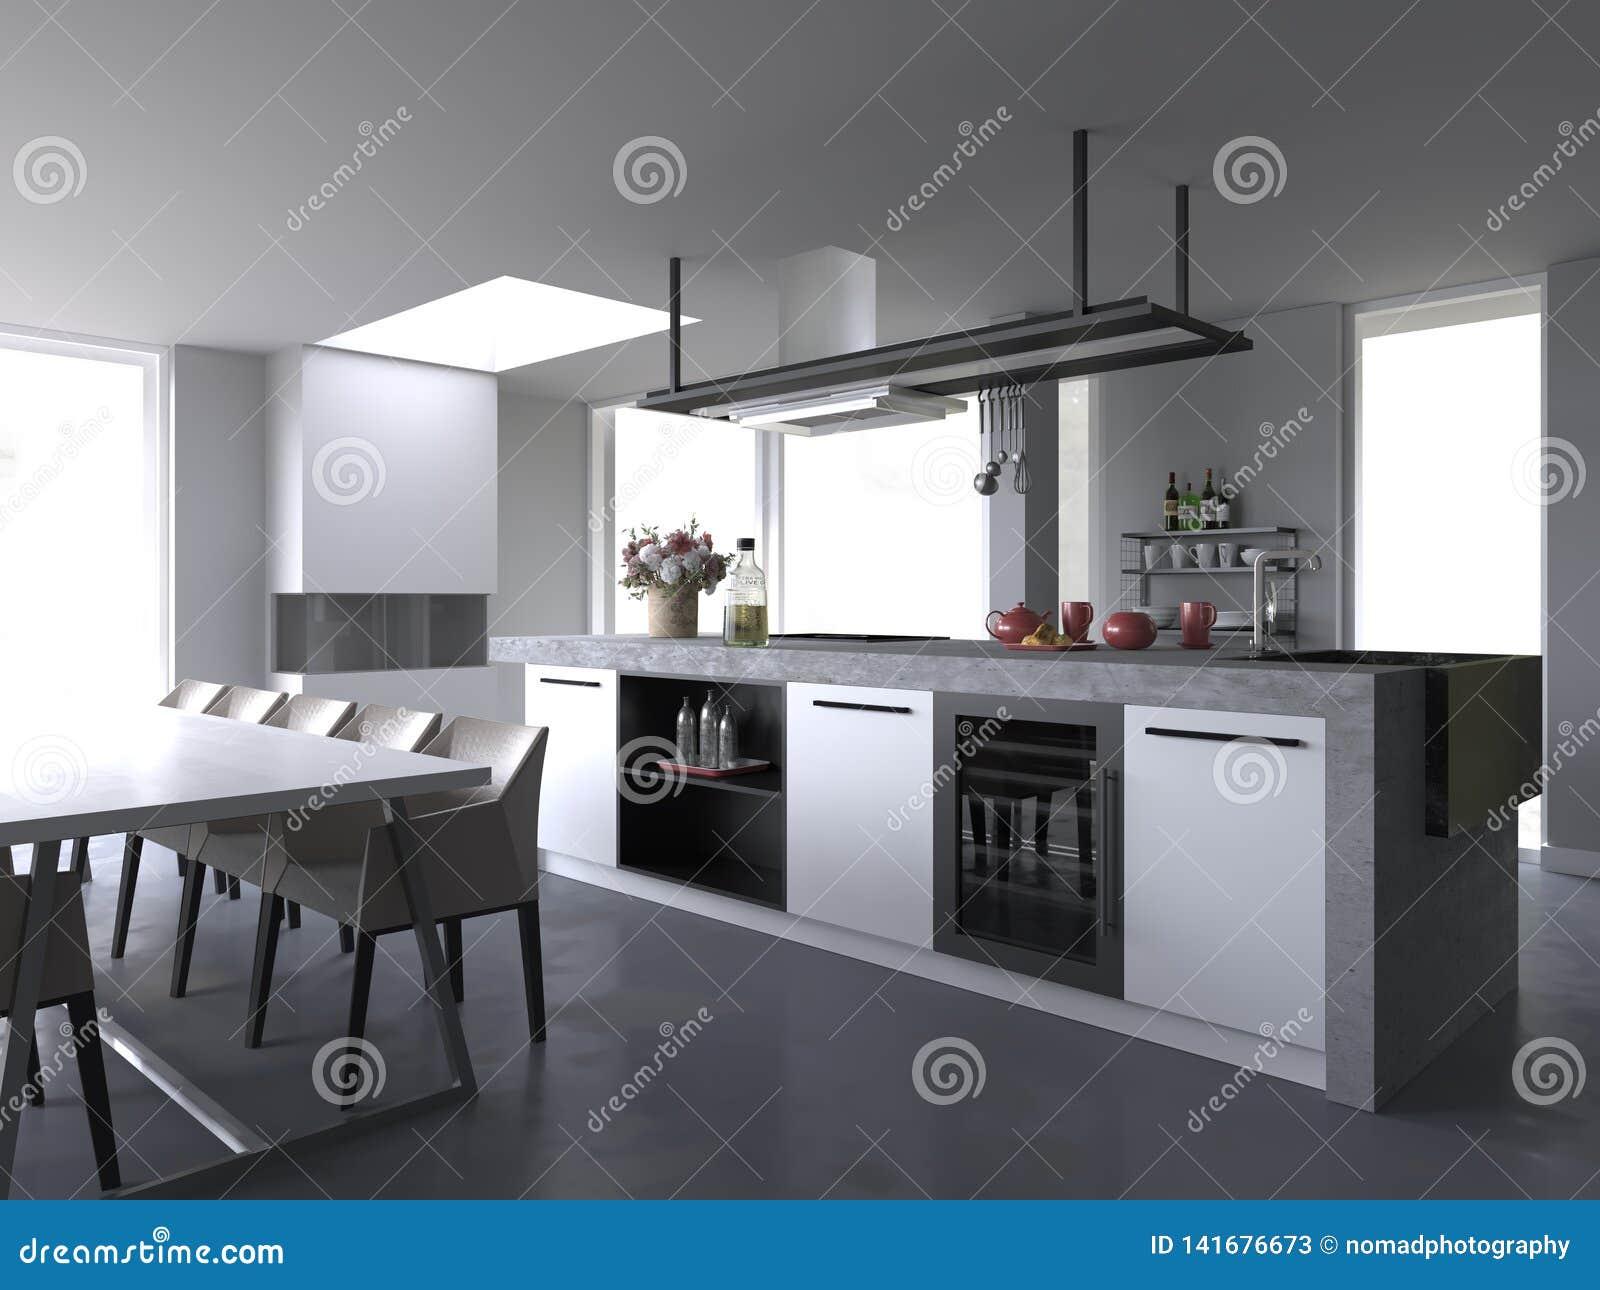 Cuisine De Luxe Moderne Blanche Intérieure Sans Fond Illustration